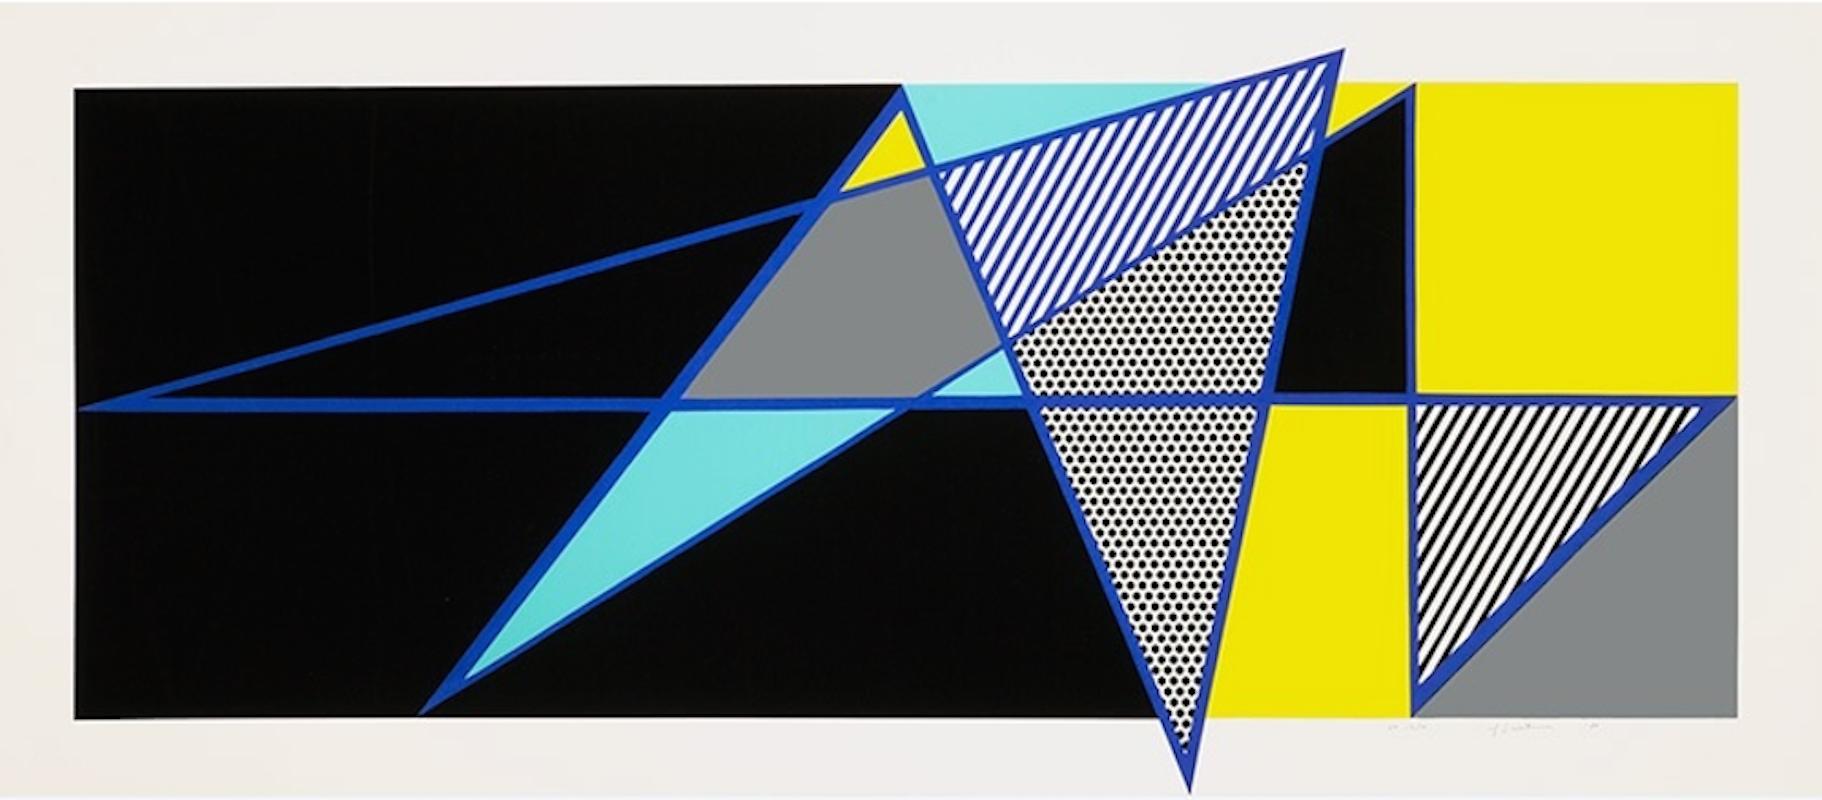 Imperfect 44 3/4 x 103 by Roy Lichtenstein